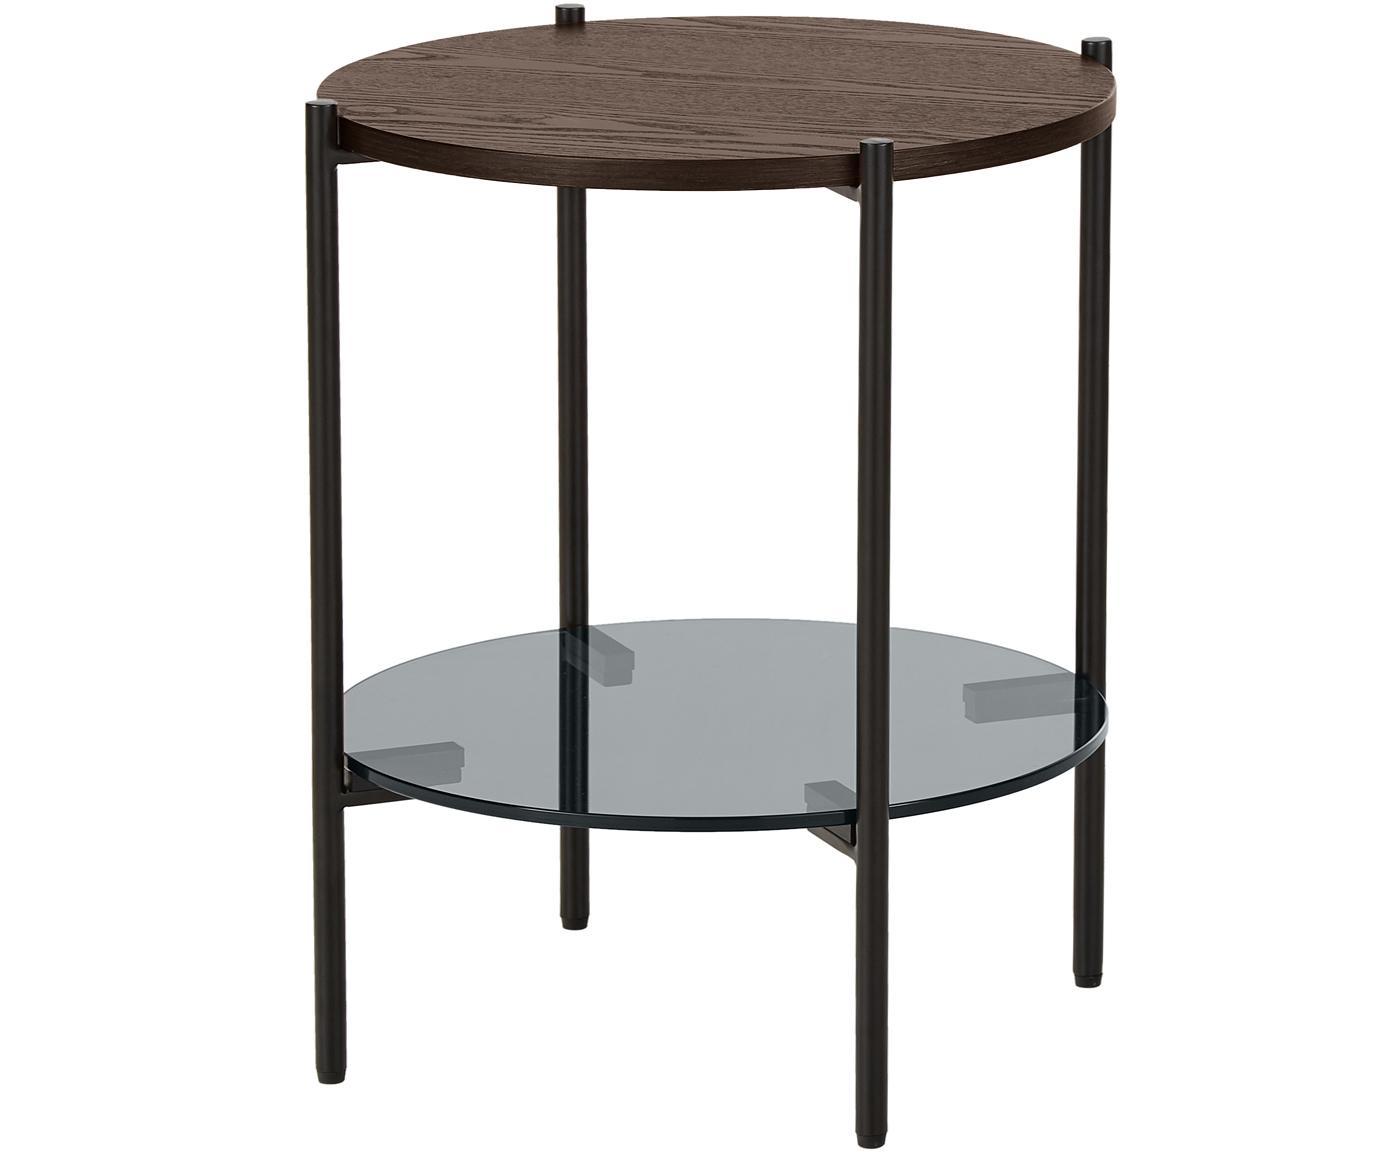 Stolik pomocniczy ze szklanym blatem Valentina, Blat: szkło, Stelaż: metal malowany proszkowo, Brązowy, Ø 44 x W 50 cm